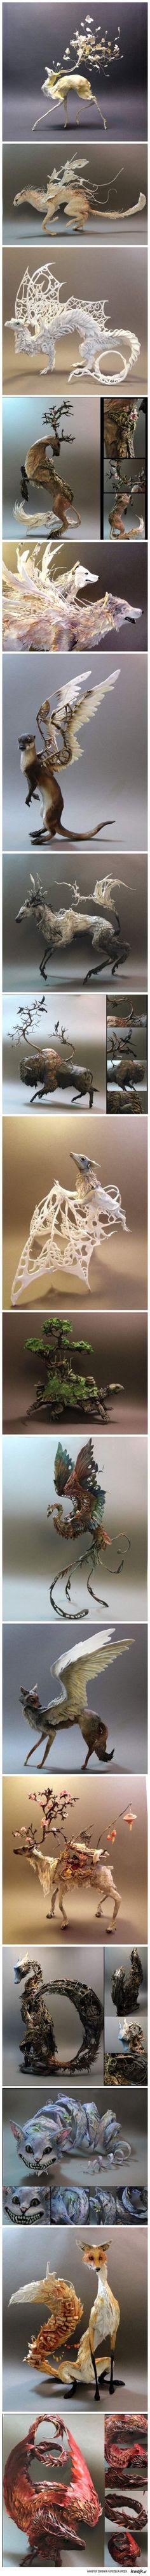 Przepiękne fantastyczne rzeźby!